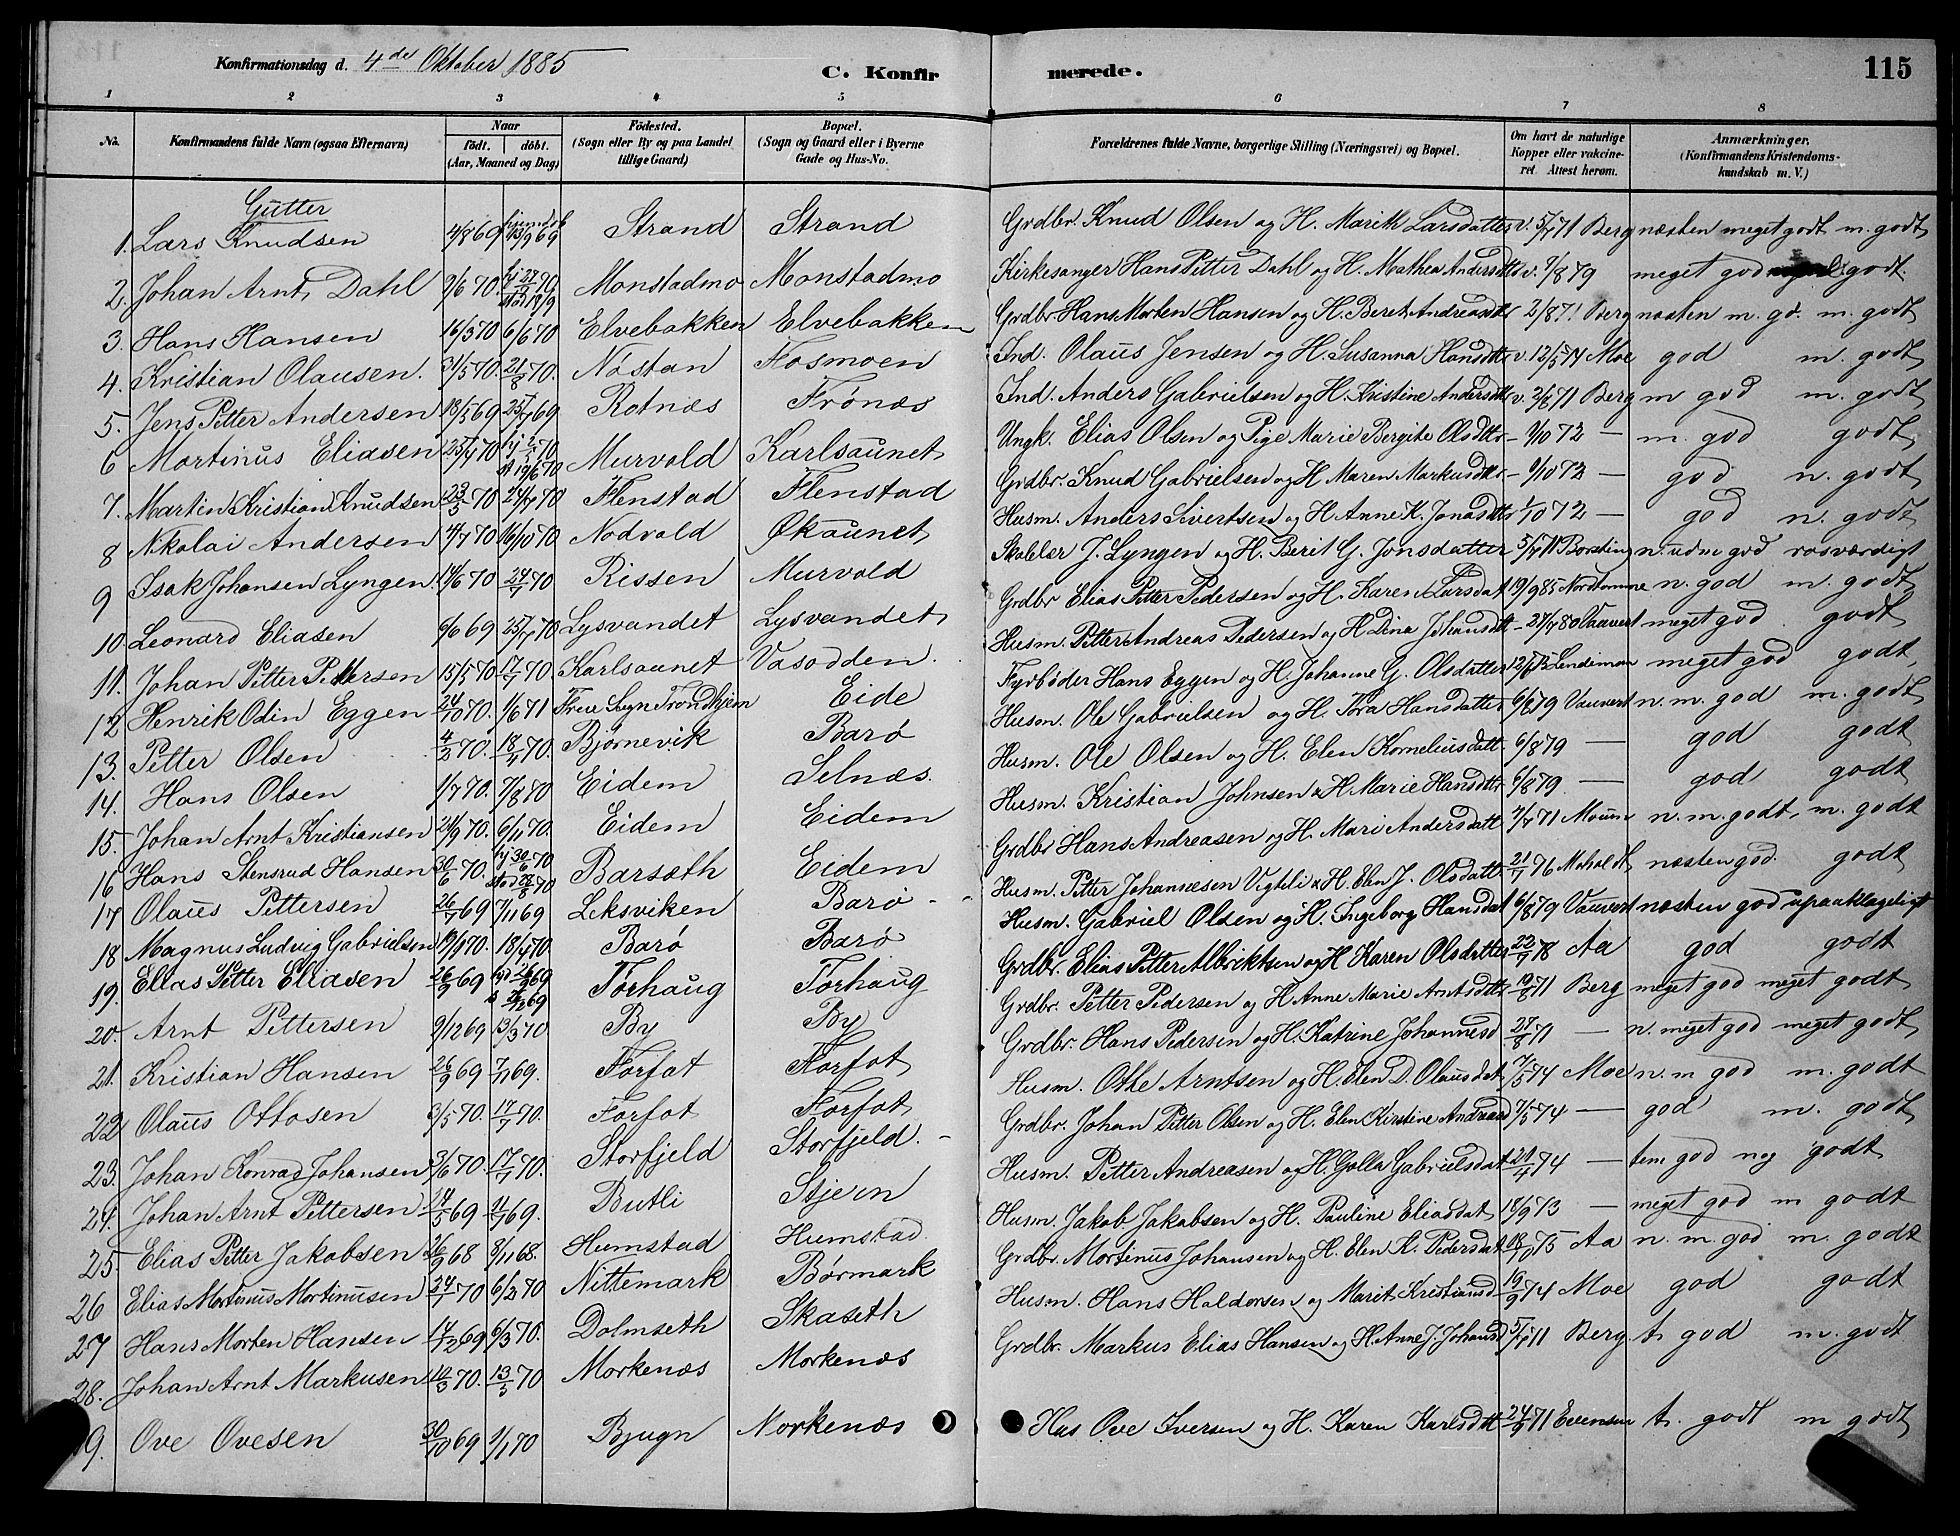 SAT, Ministerialprotokoller, klokkerbøker og fødselsregistre - Sør-Trøndelag, 655/L0687: Klokkerbok nr. 655C03, 1880-1898, s. 115